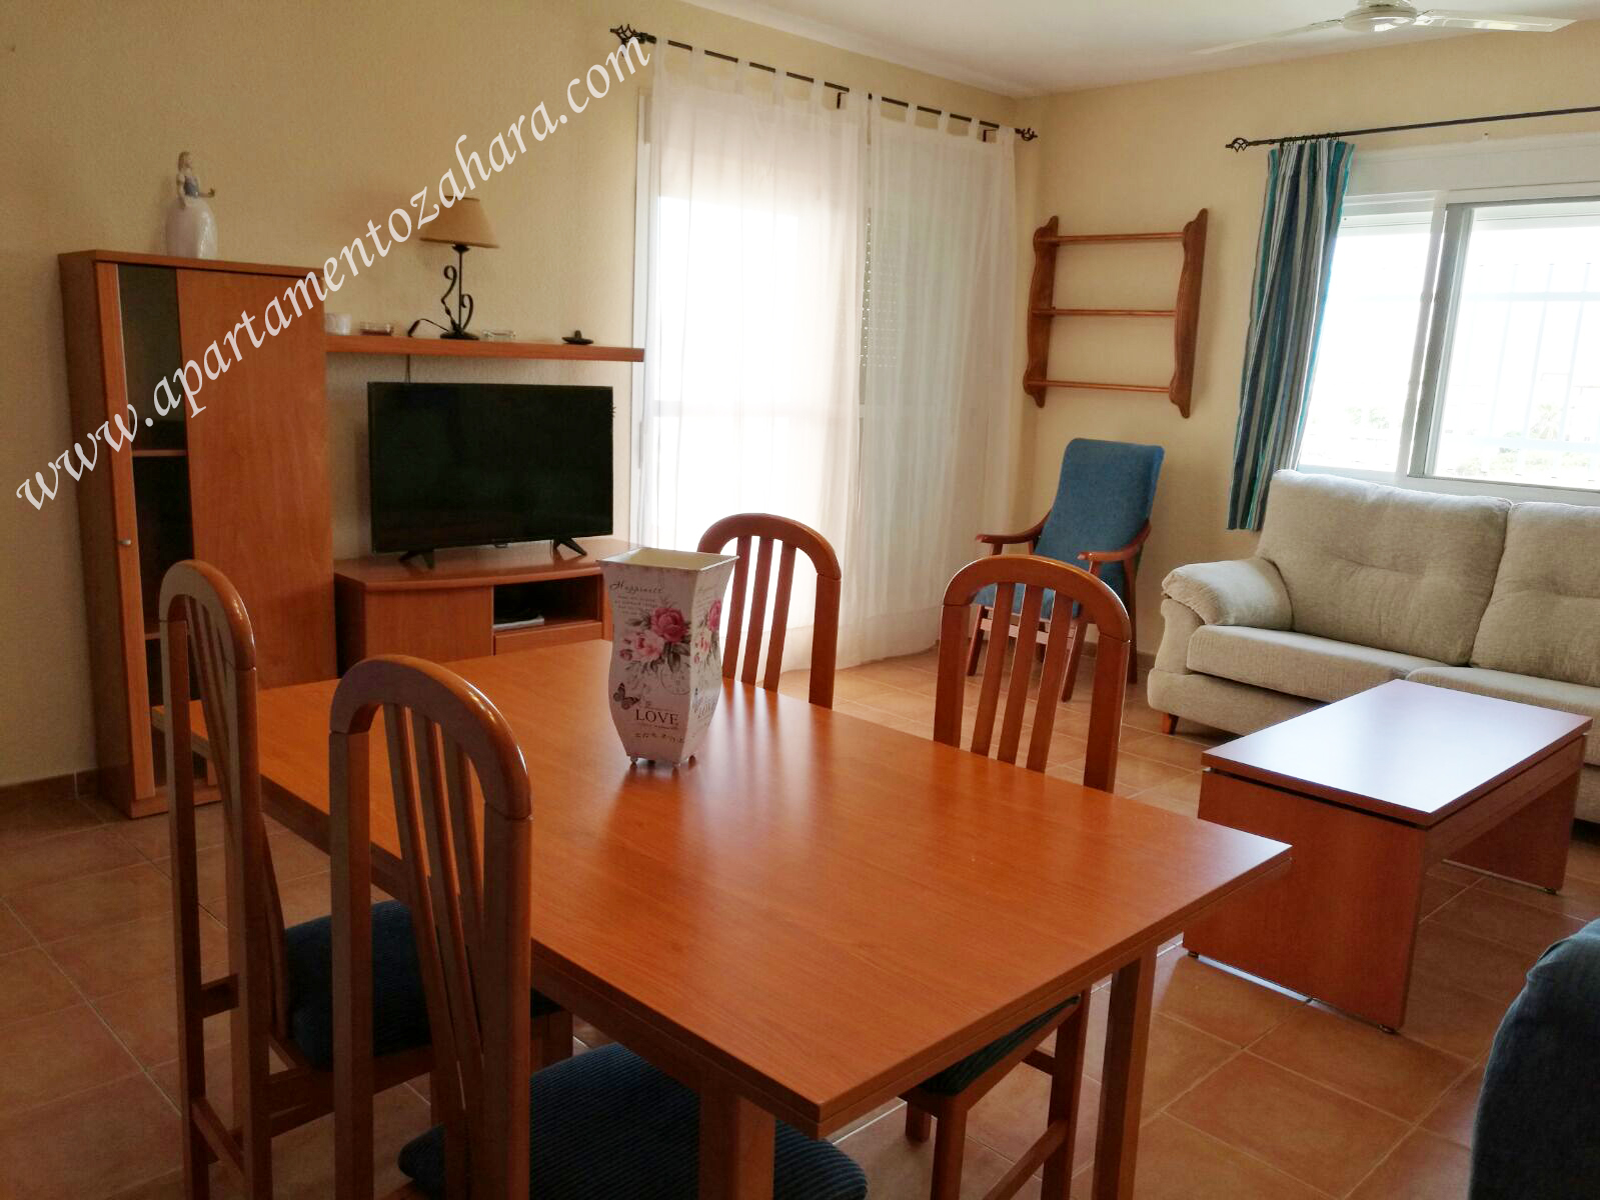 Apartamento zahara de los atunes for Fotos salon comedor